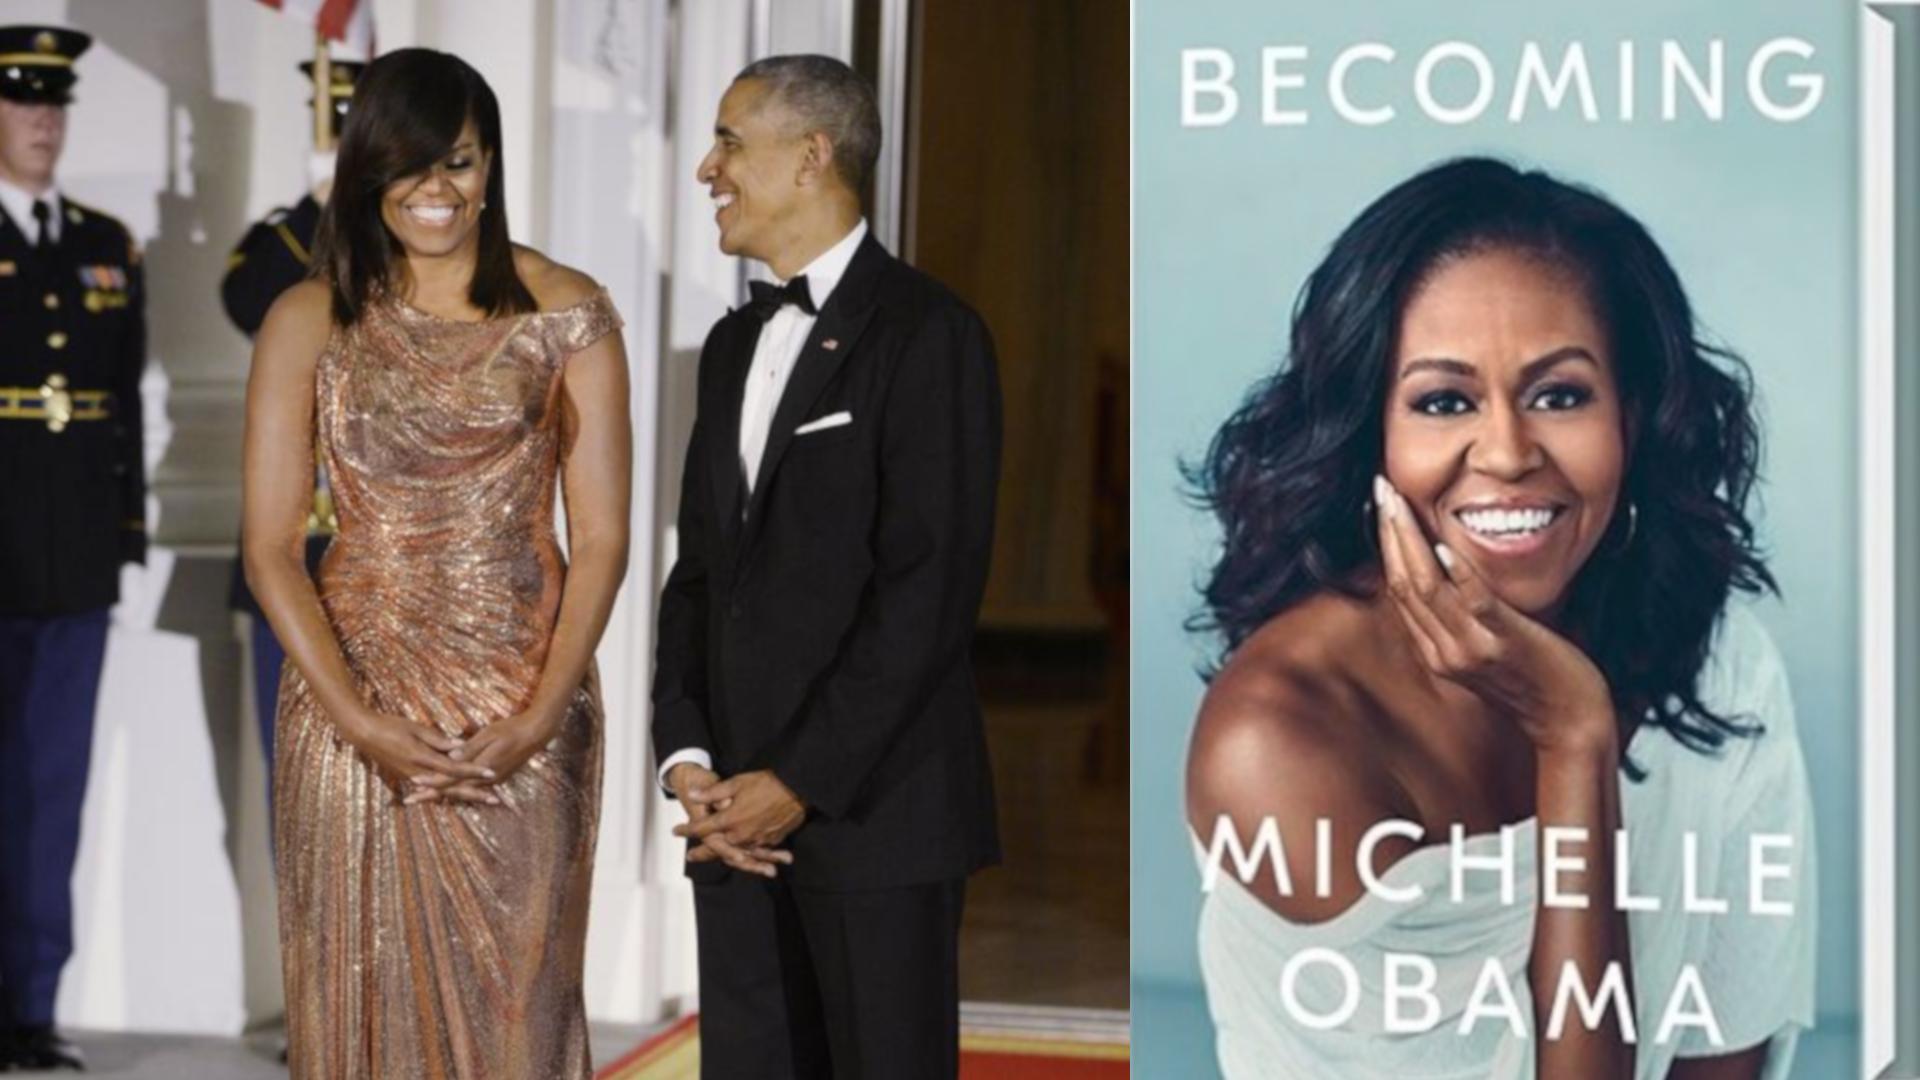 Nie uwierzycie, jak Michelle Obama poznała Baracka